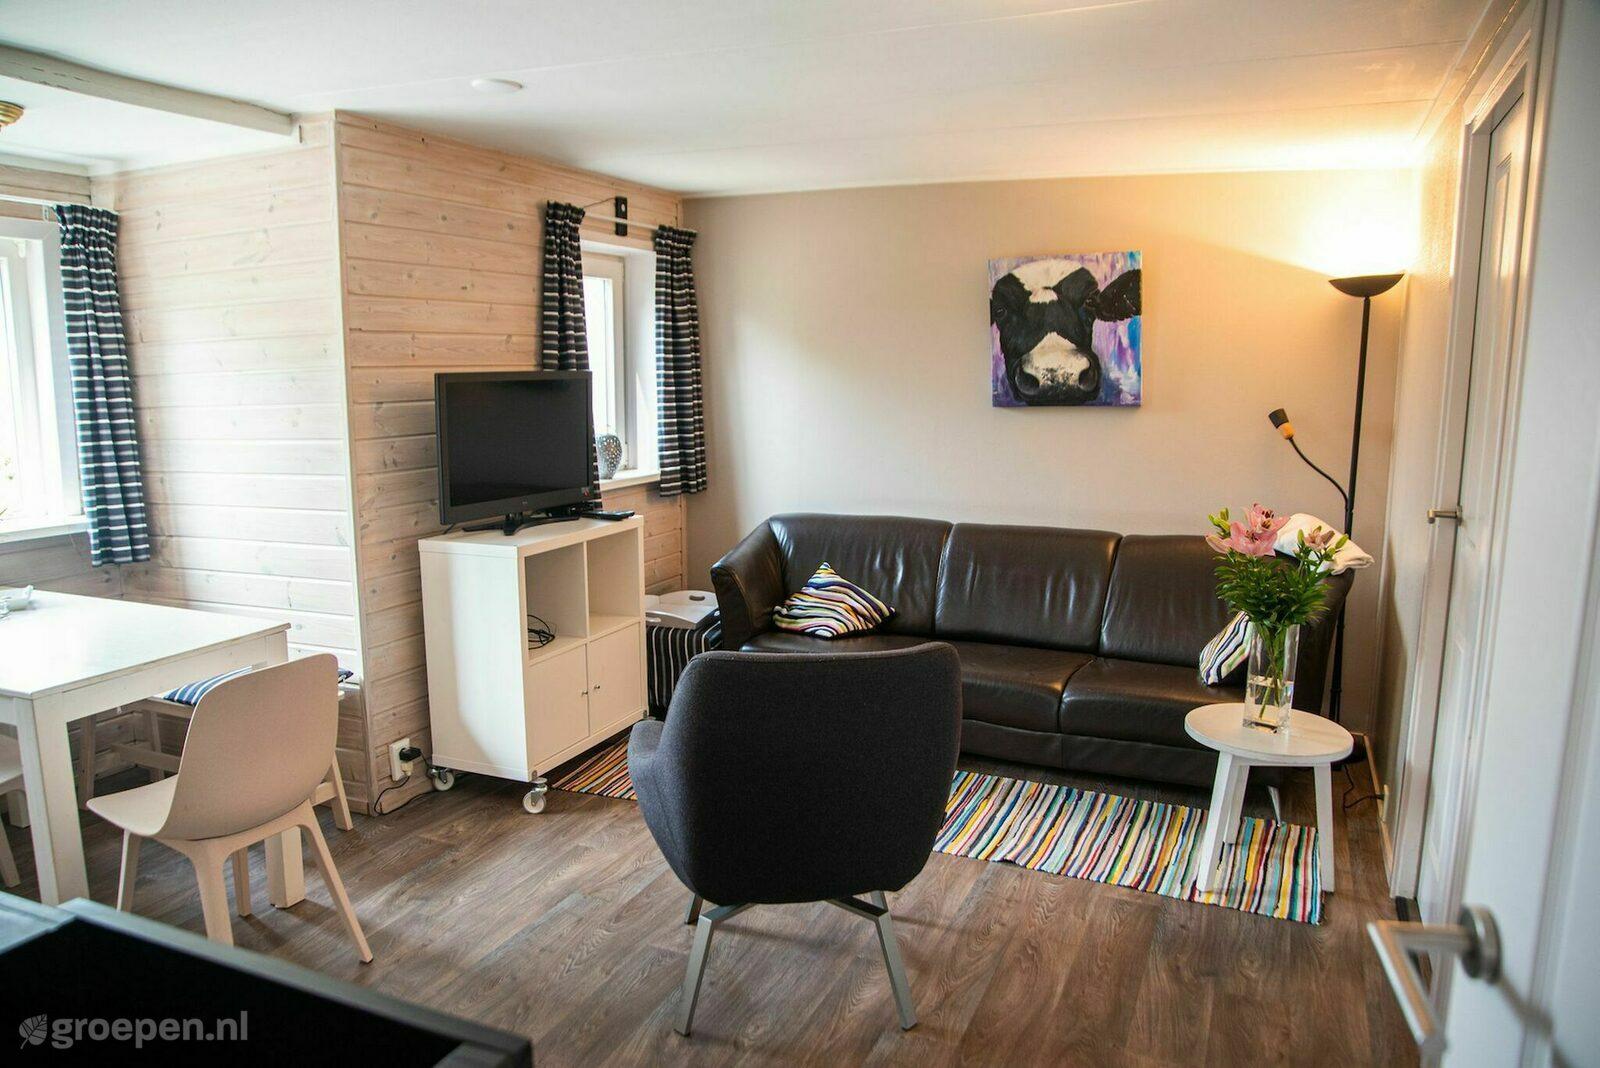 Group accommodation Staphorst